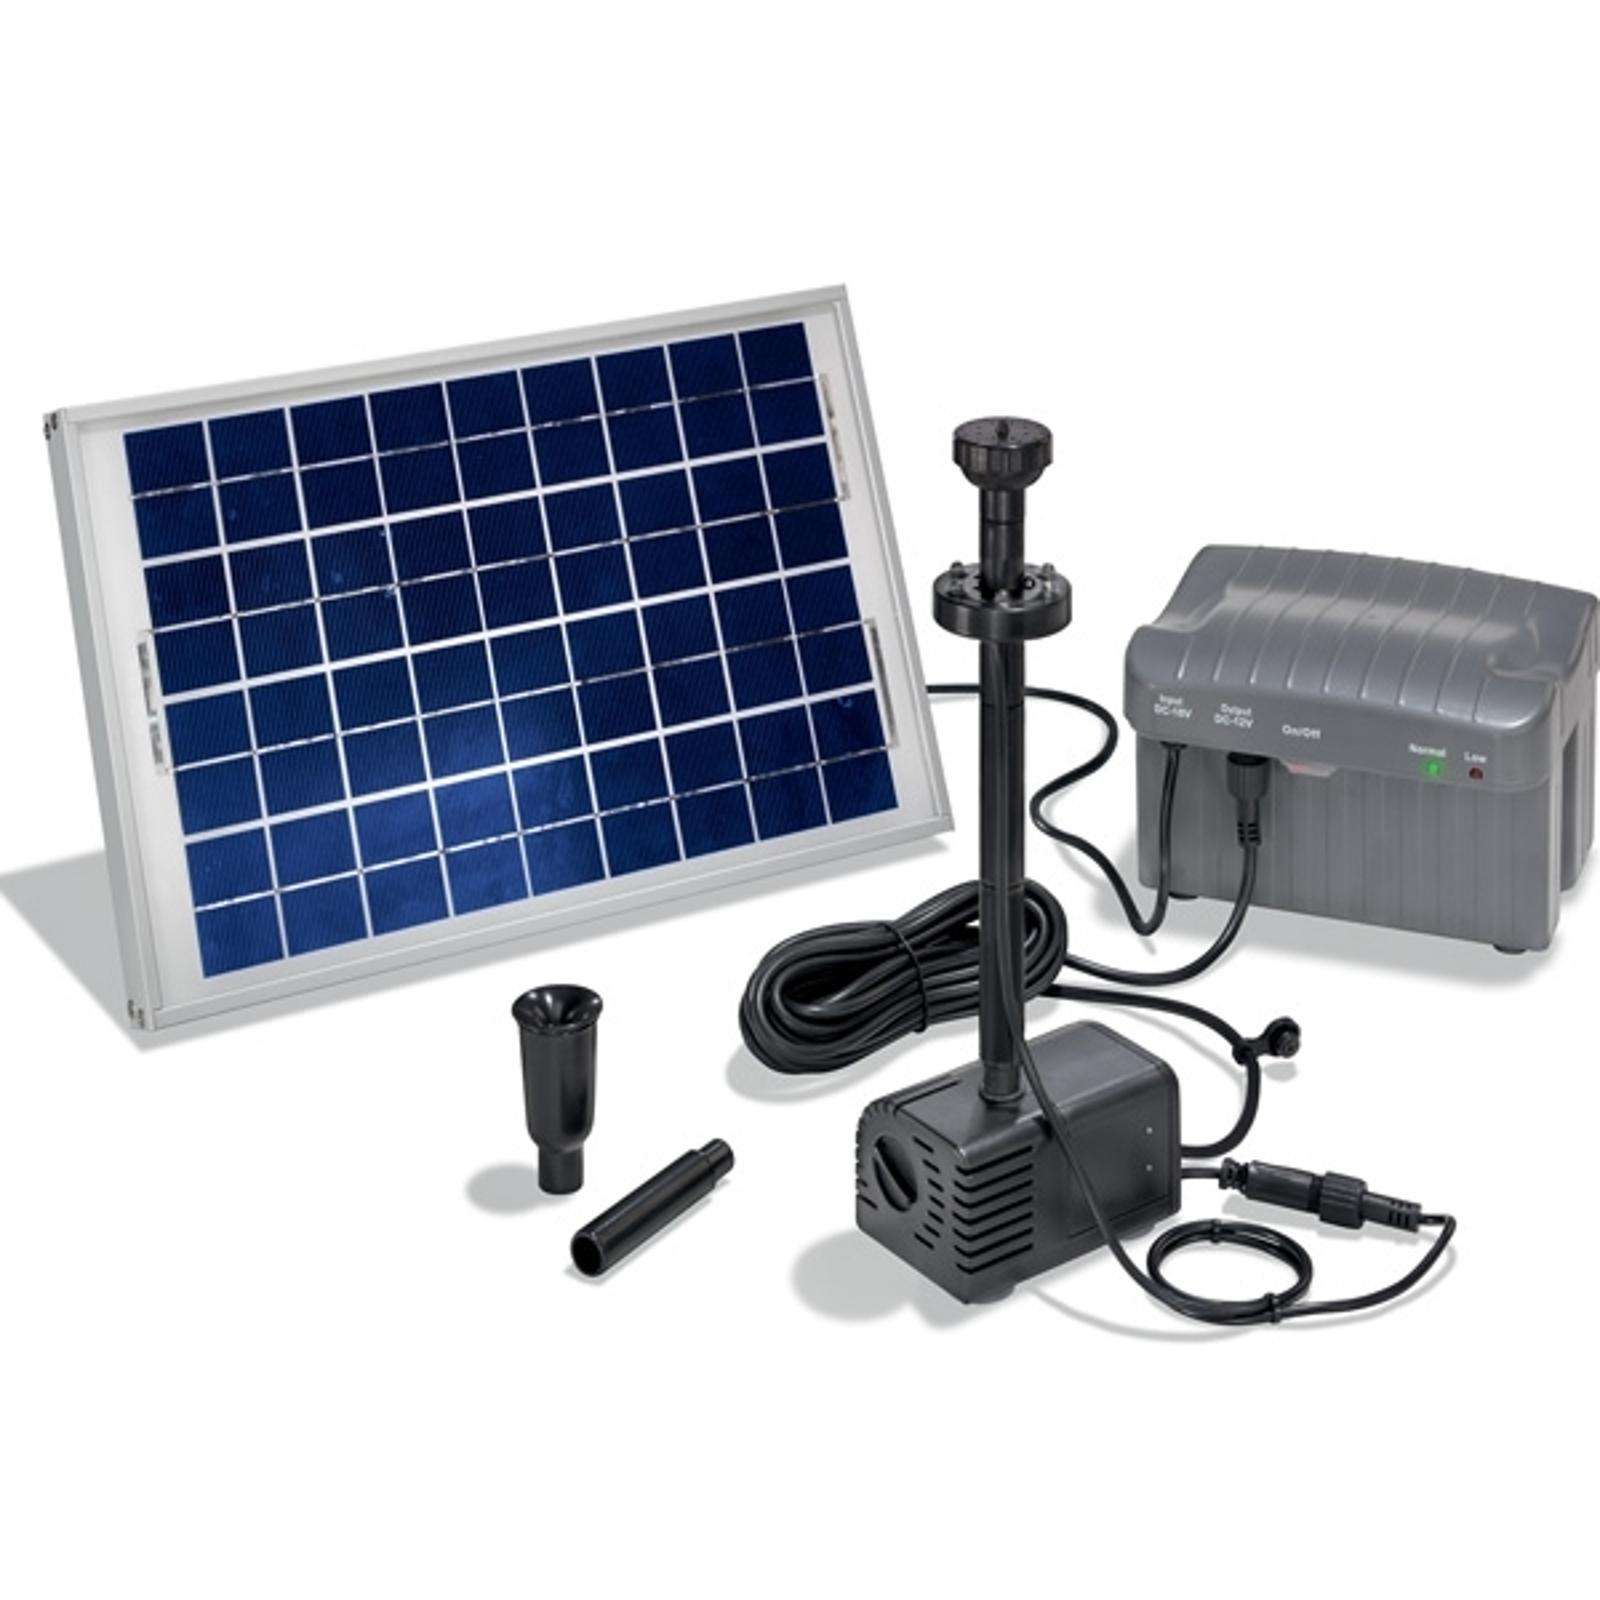 Sytème de pompe solaire Napoli LED